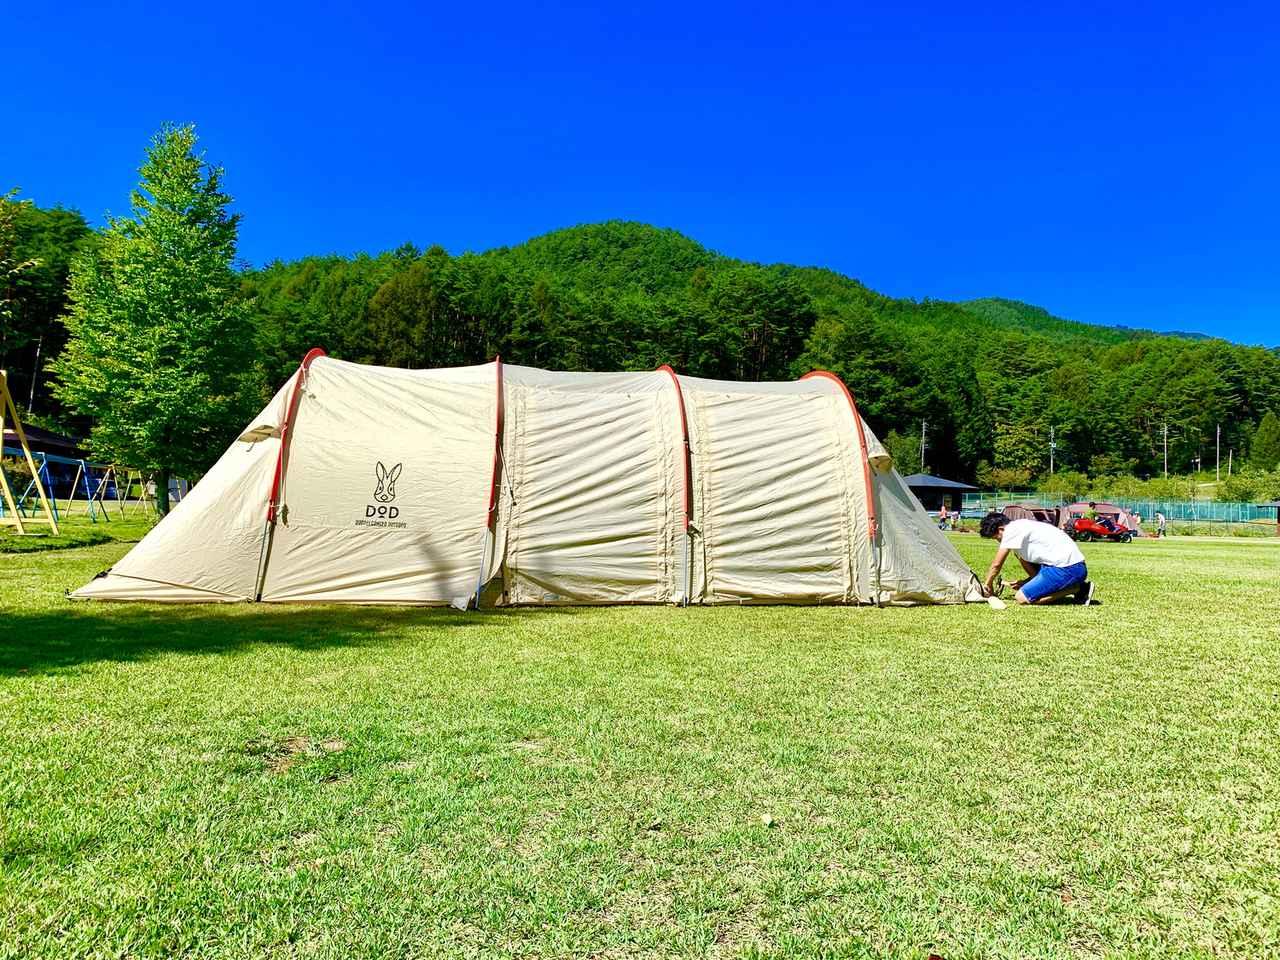 画像: 【DOD(ディーオーディー)のテントの選び方】5つのポイントを抑えて選ぼう!